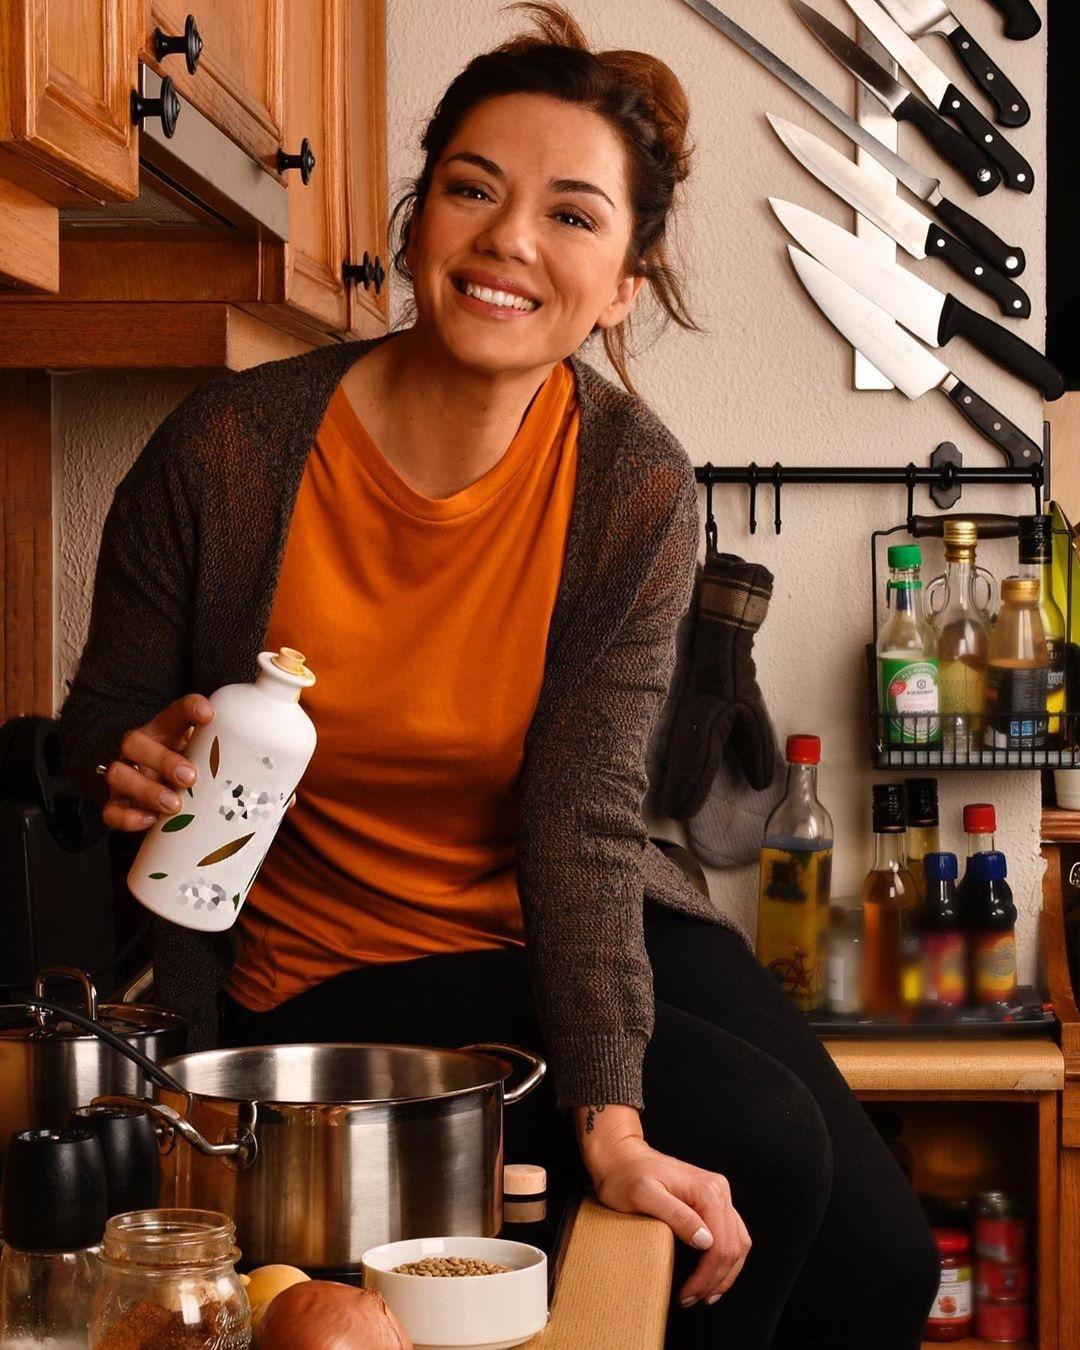 Βάσω Λασκαράκη: Οι μαγειρικές δημιουργίες με τον Λευτέρη Σουλτάτο και τα παιχνίδια με την κόρη της! [pics]